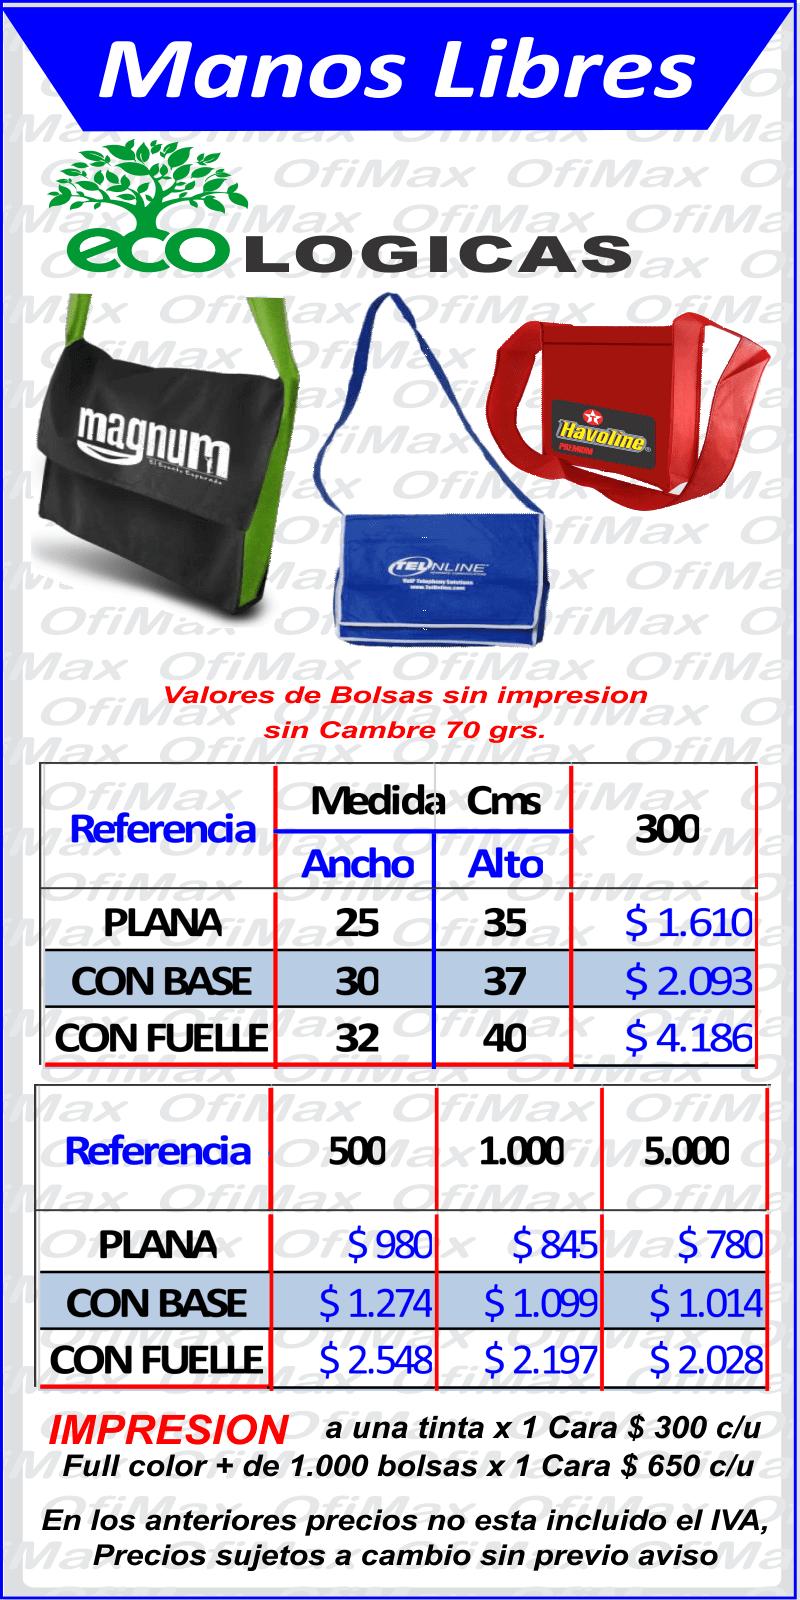 d8e66fe3f ... colombia bolsas de tela ecologicas manos libres, bogota, colombia